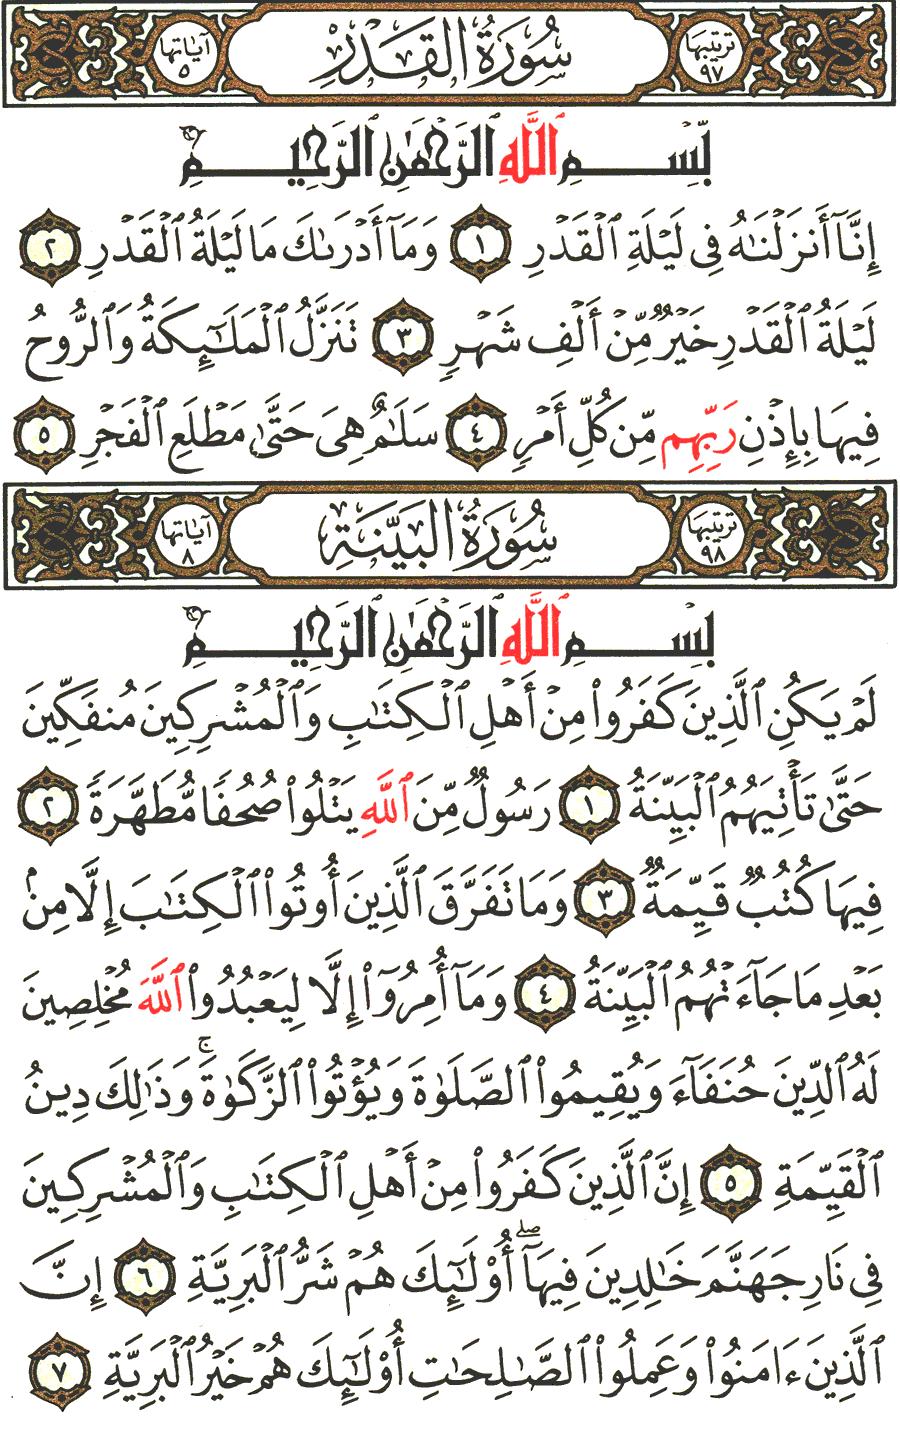 الصفحة رقم 598 من القرآن الكريم مكتوبة من المصحف